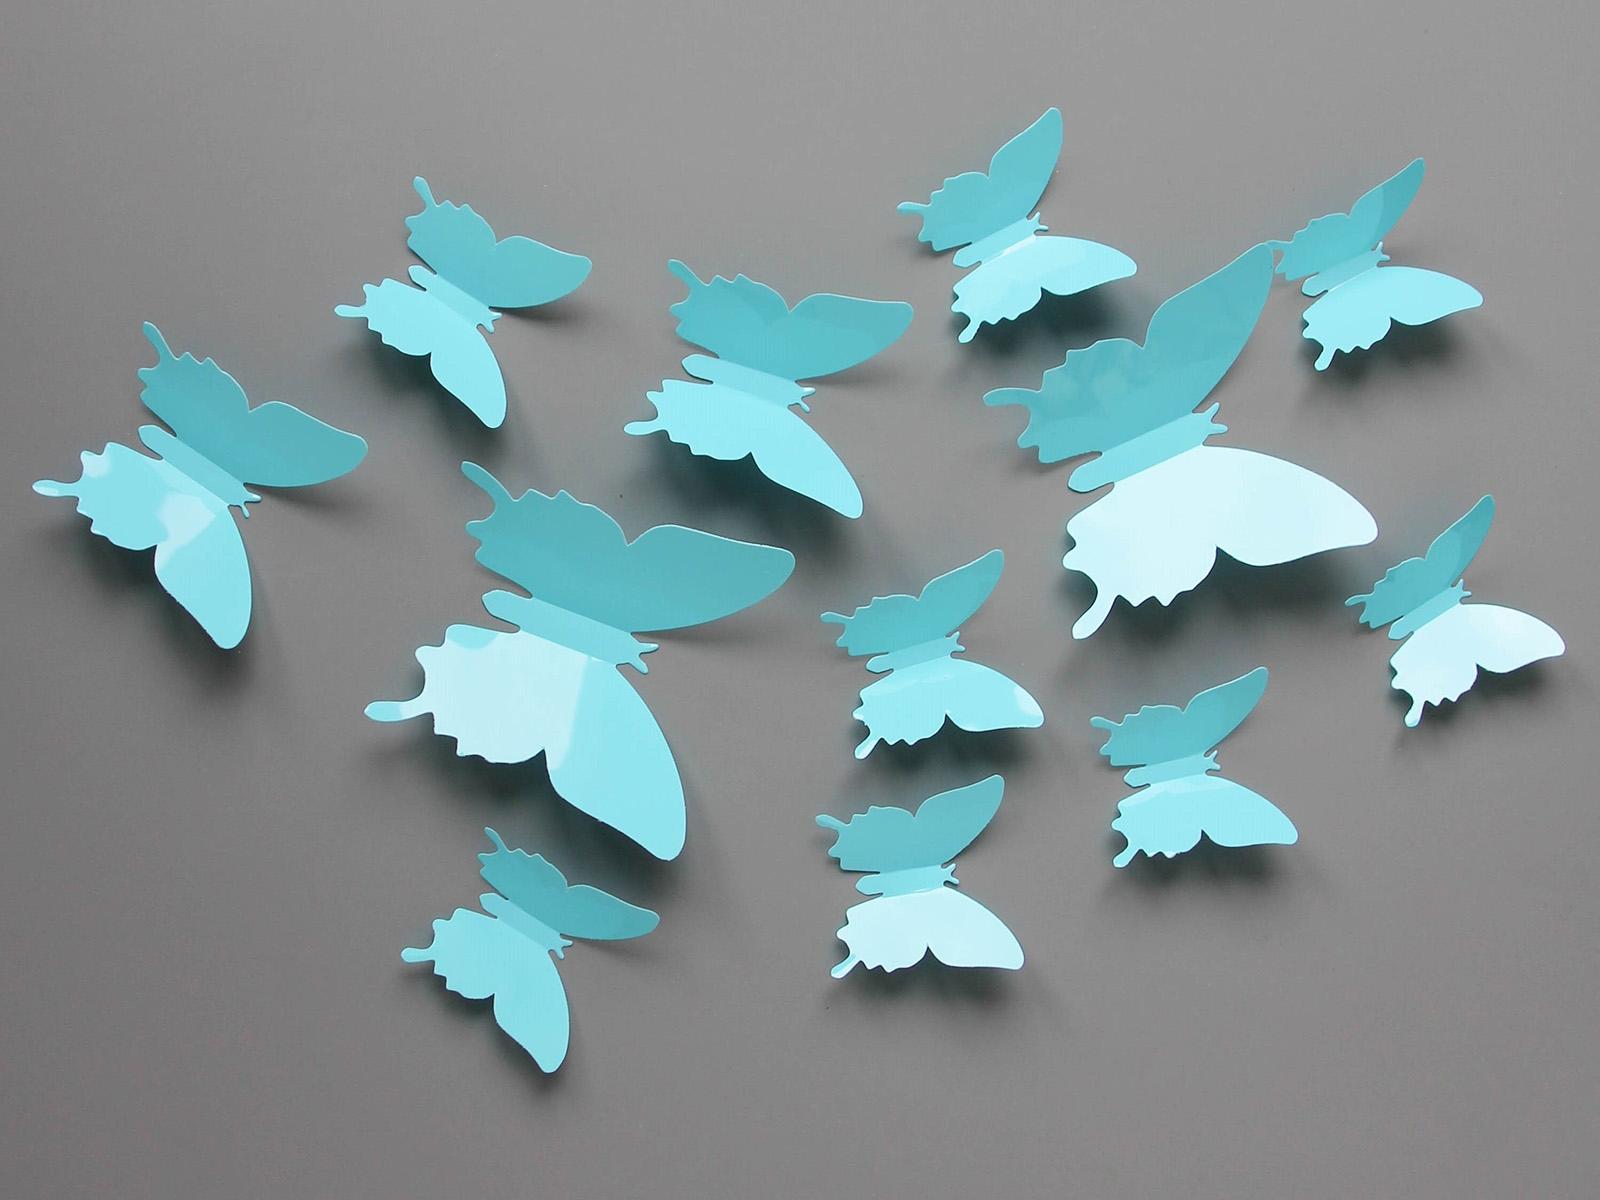 Наклейка ButterfliesВигвамы<br>Представьте, как обрадуется малыш, если в детской поселятся волшебные бабочки. И Вы можете подарить непоседам такой праздник. Не стоит волноваться за обои, эти интерьерные наклейки отклеиваются так же легко, как наклеиваются<br>